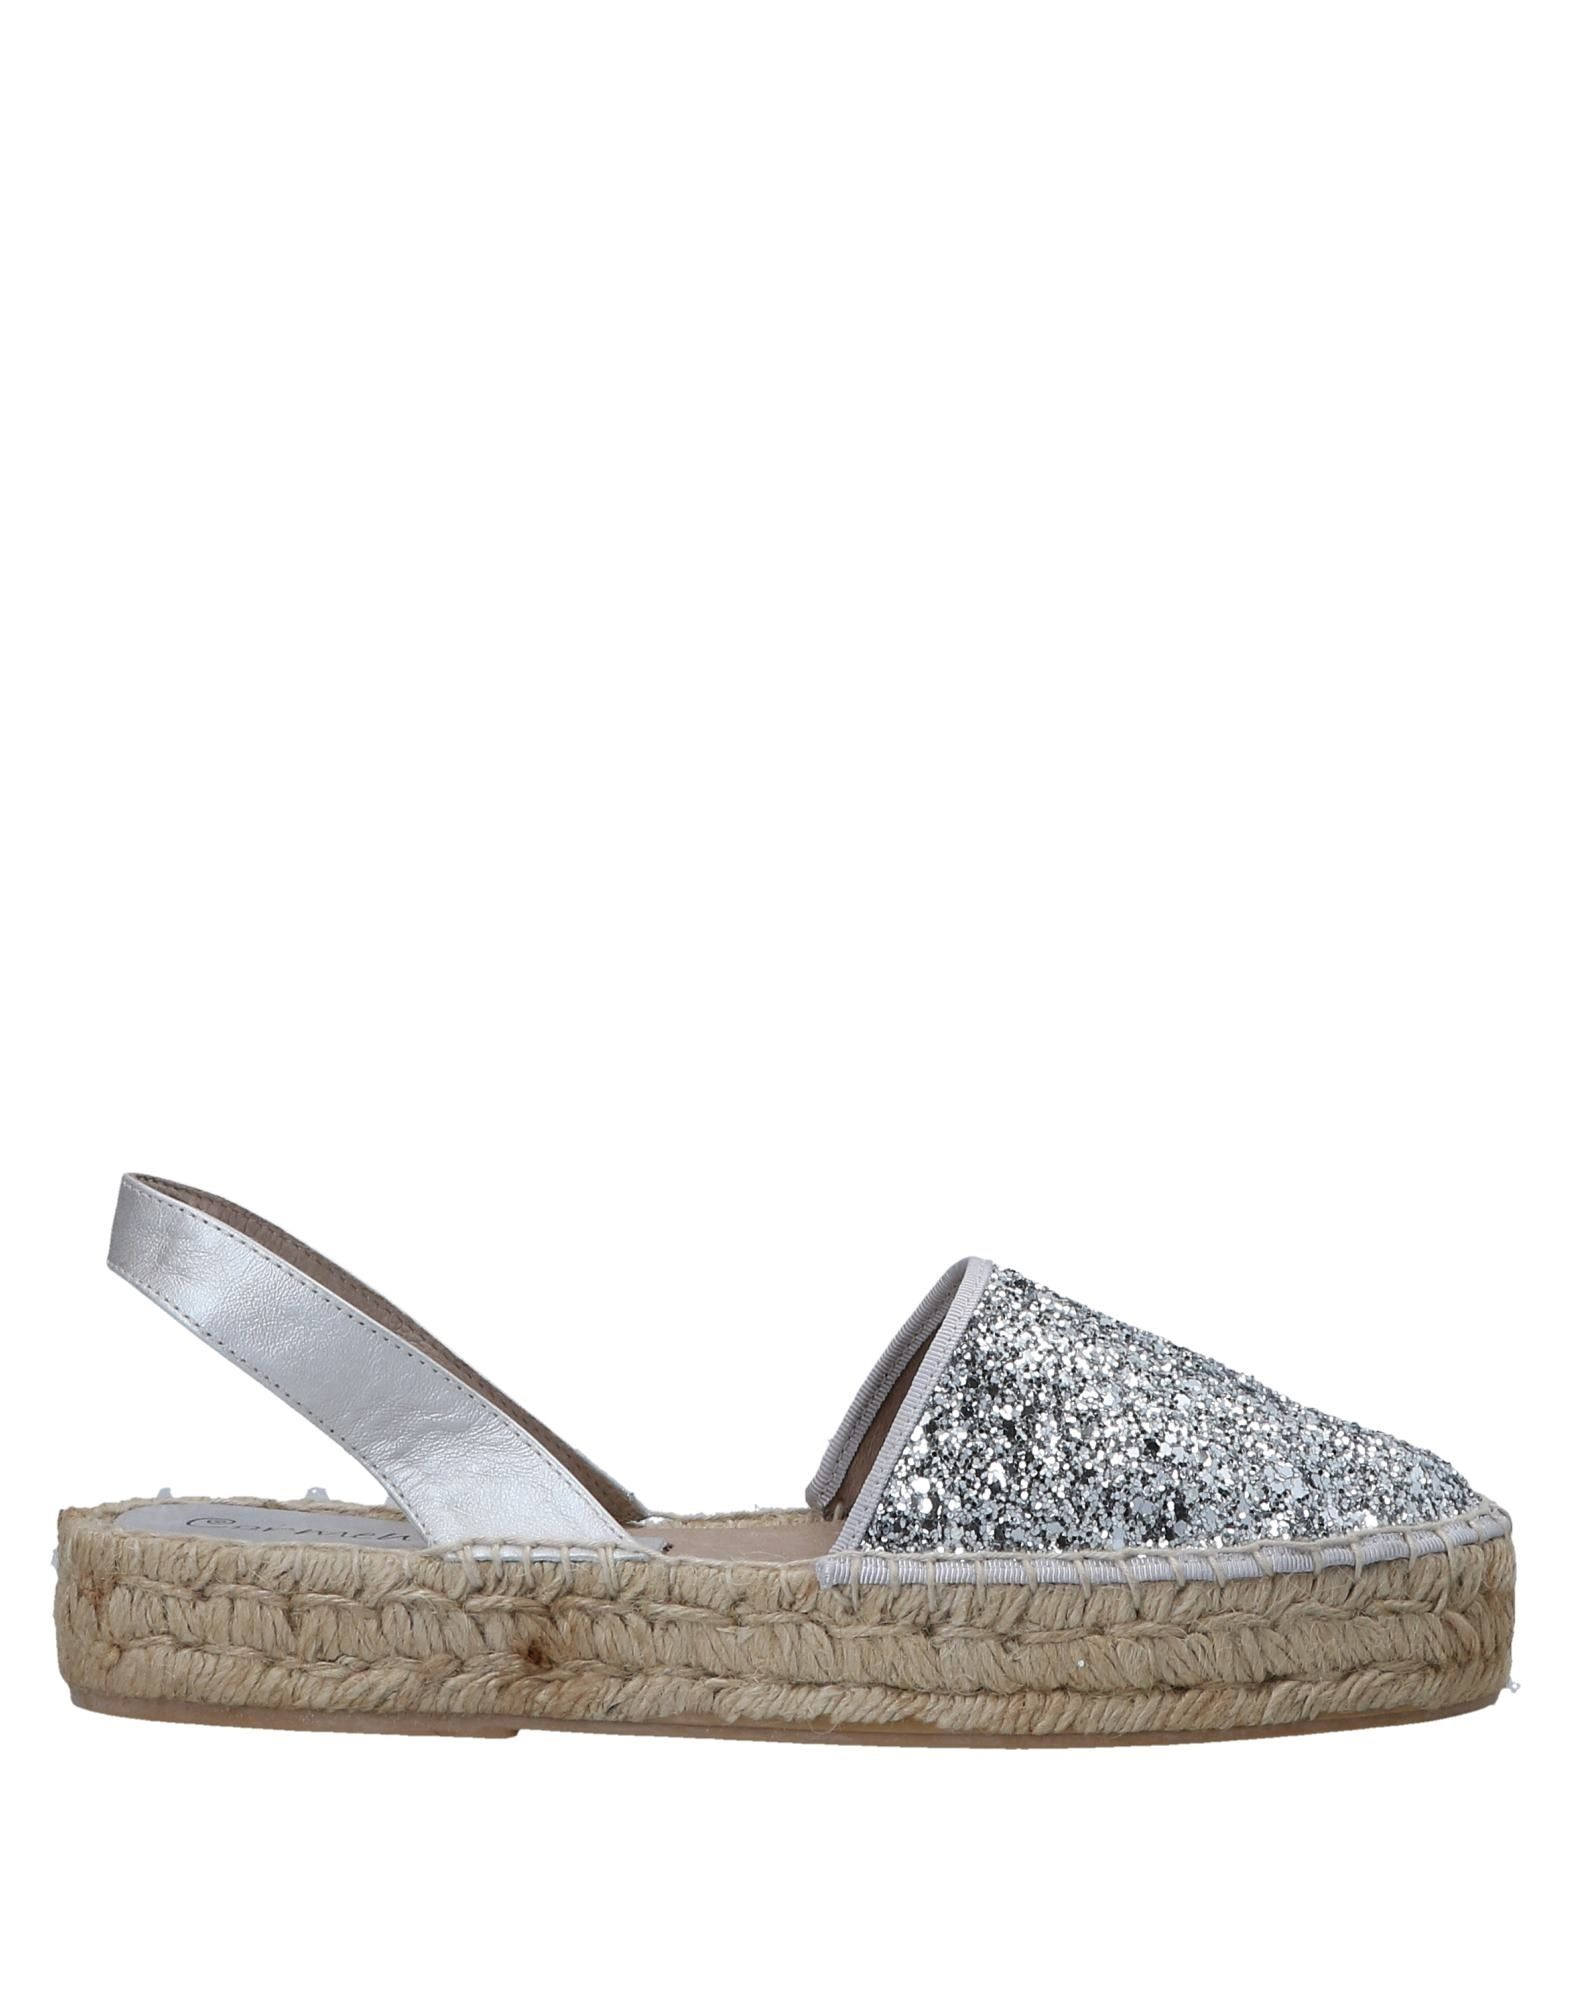 Sneakers Asics Donna e - 11428211BF Nuove offerte e Donna scarpe comode 6fbe0a